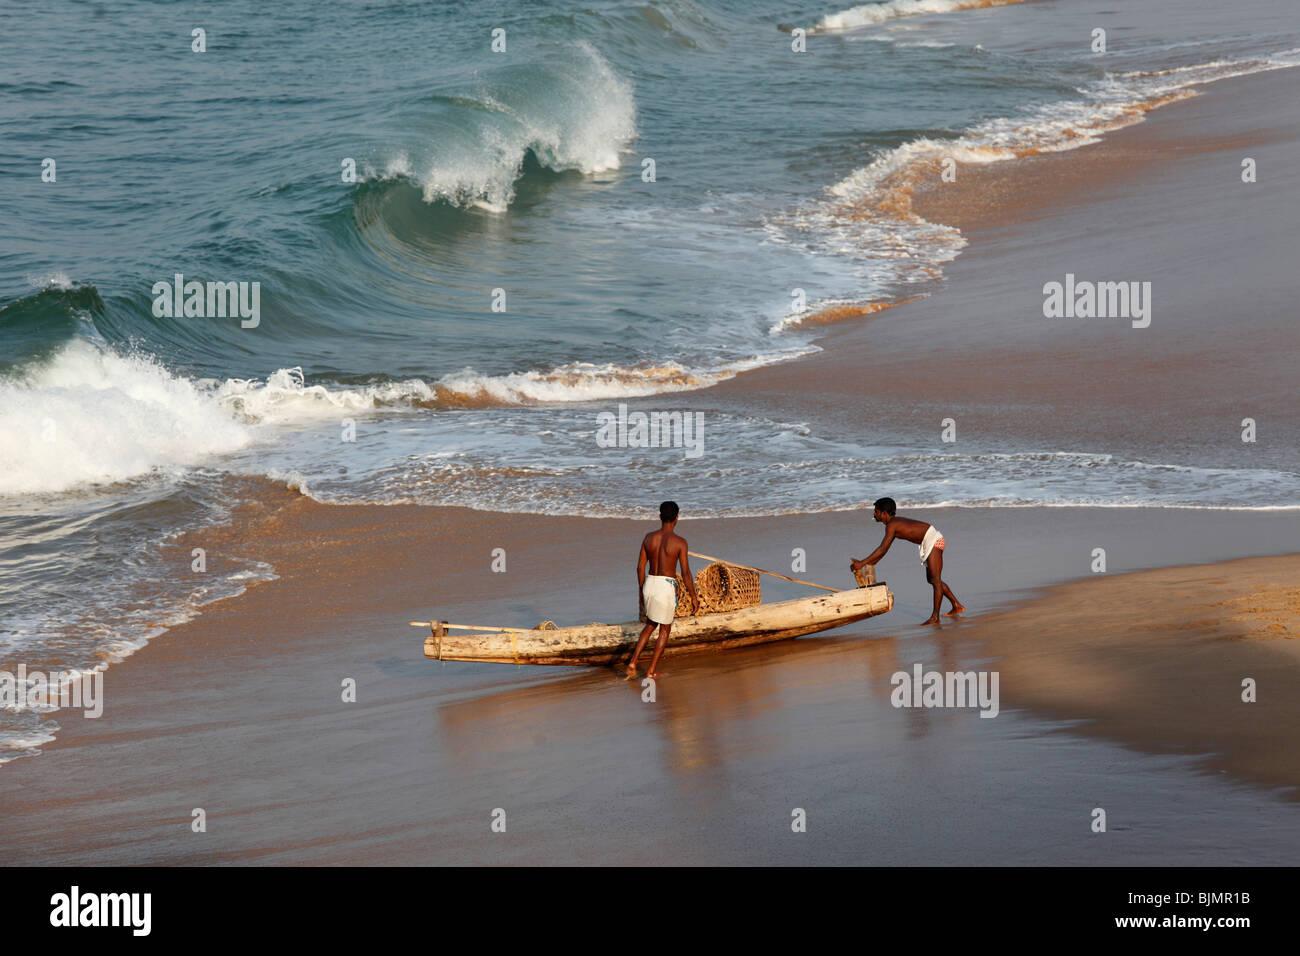 Deux sections locales d'un simple bateau de pêche sur une plage au sud de Kovalam, côte de Malabar, Photo Stock